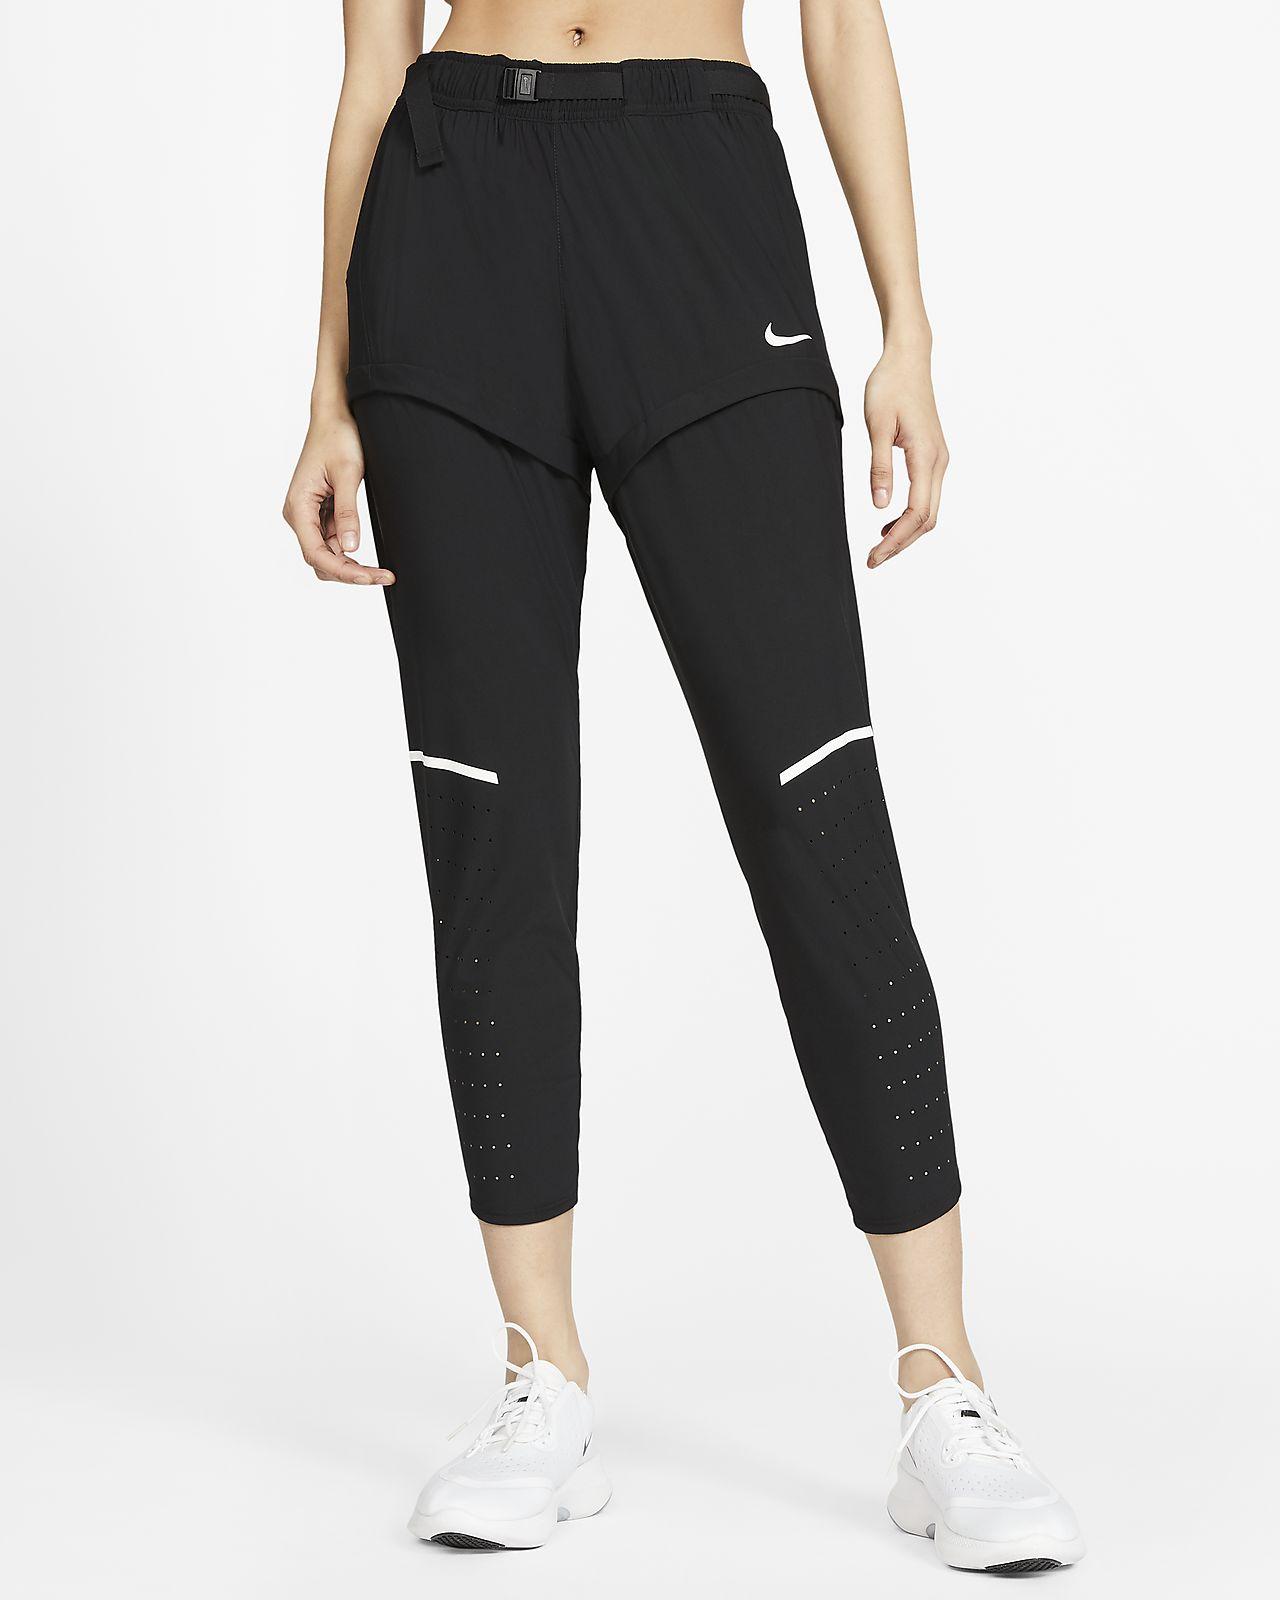 กางเกงวิ่งผู้หญิง 7/8 ส่วน Nike Icon Clash